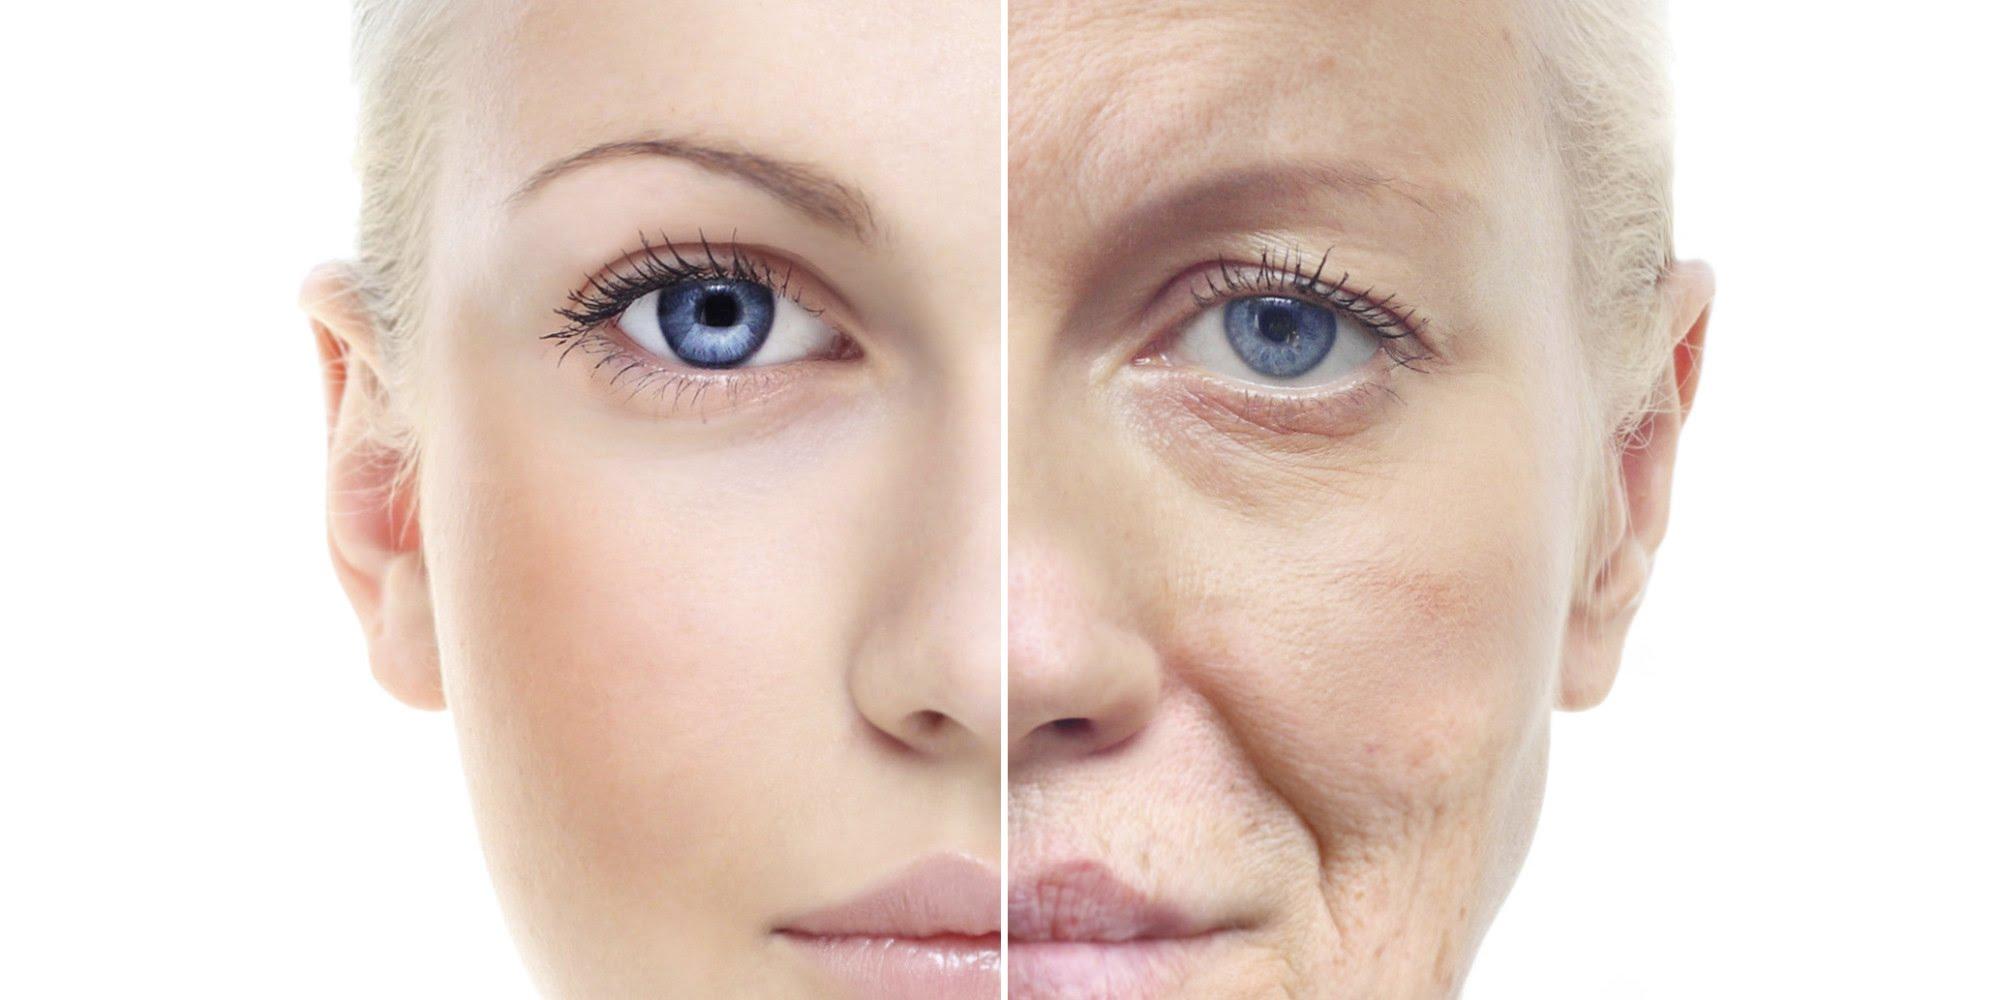 لیزر موهای زائد چه بلایی برسر  پوست و بدن شما میآورد